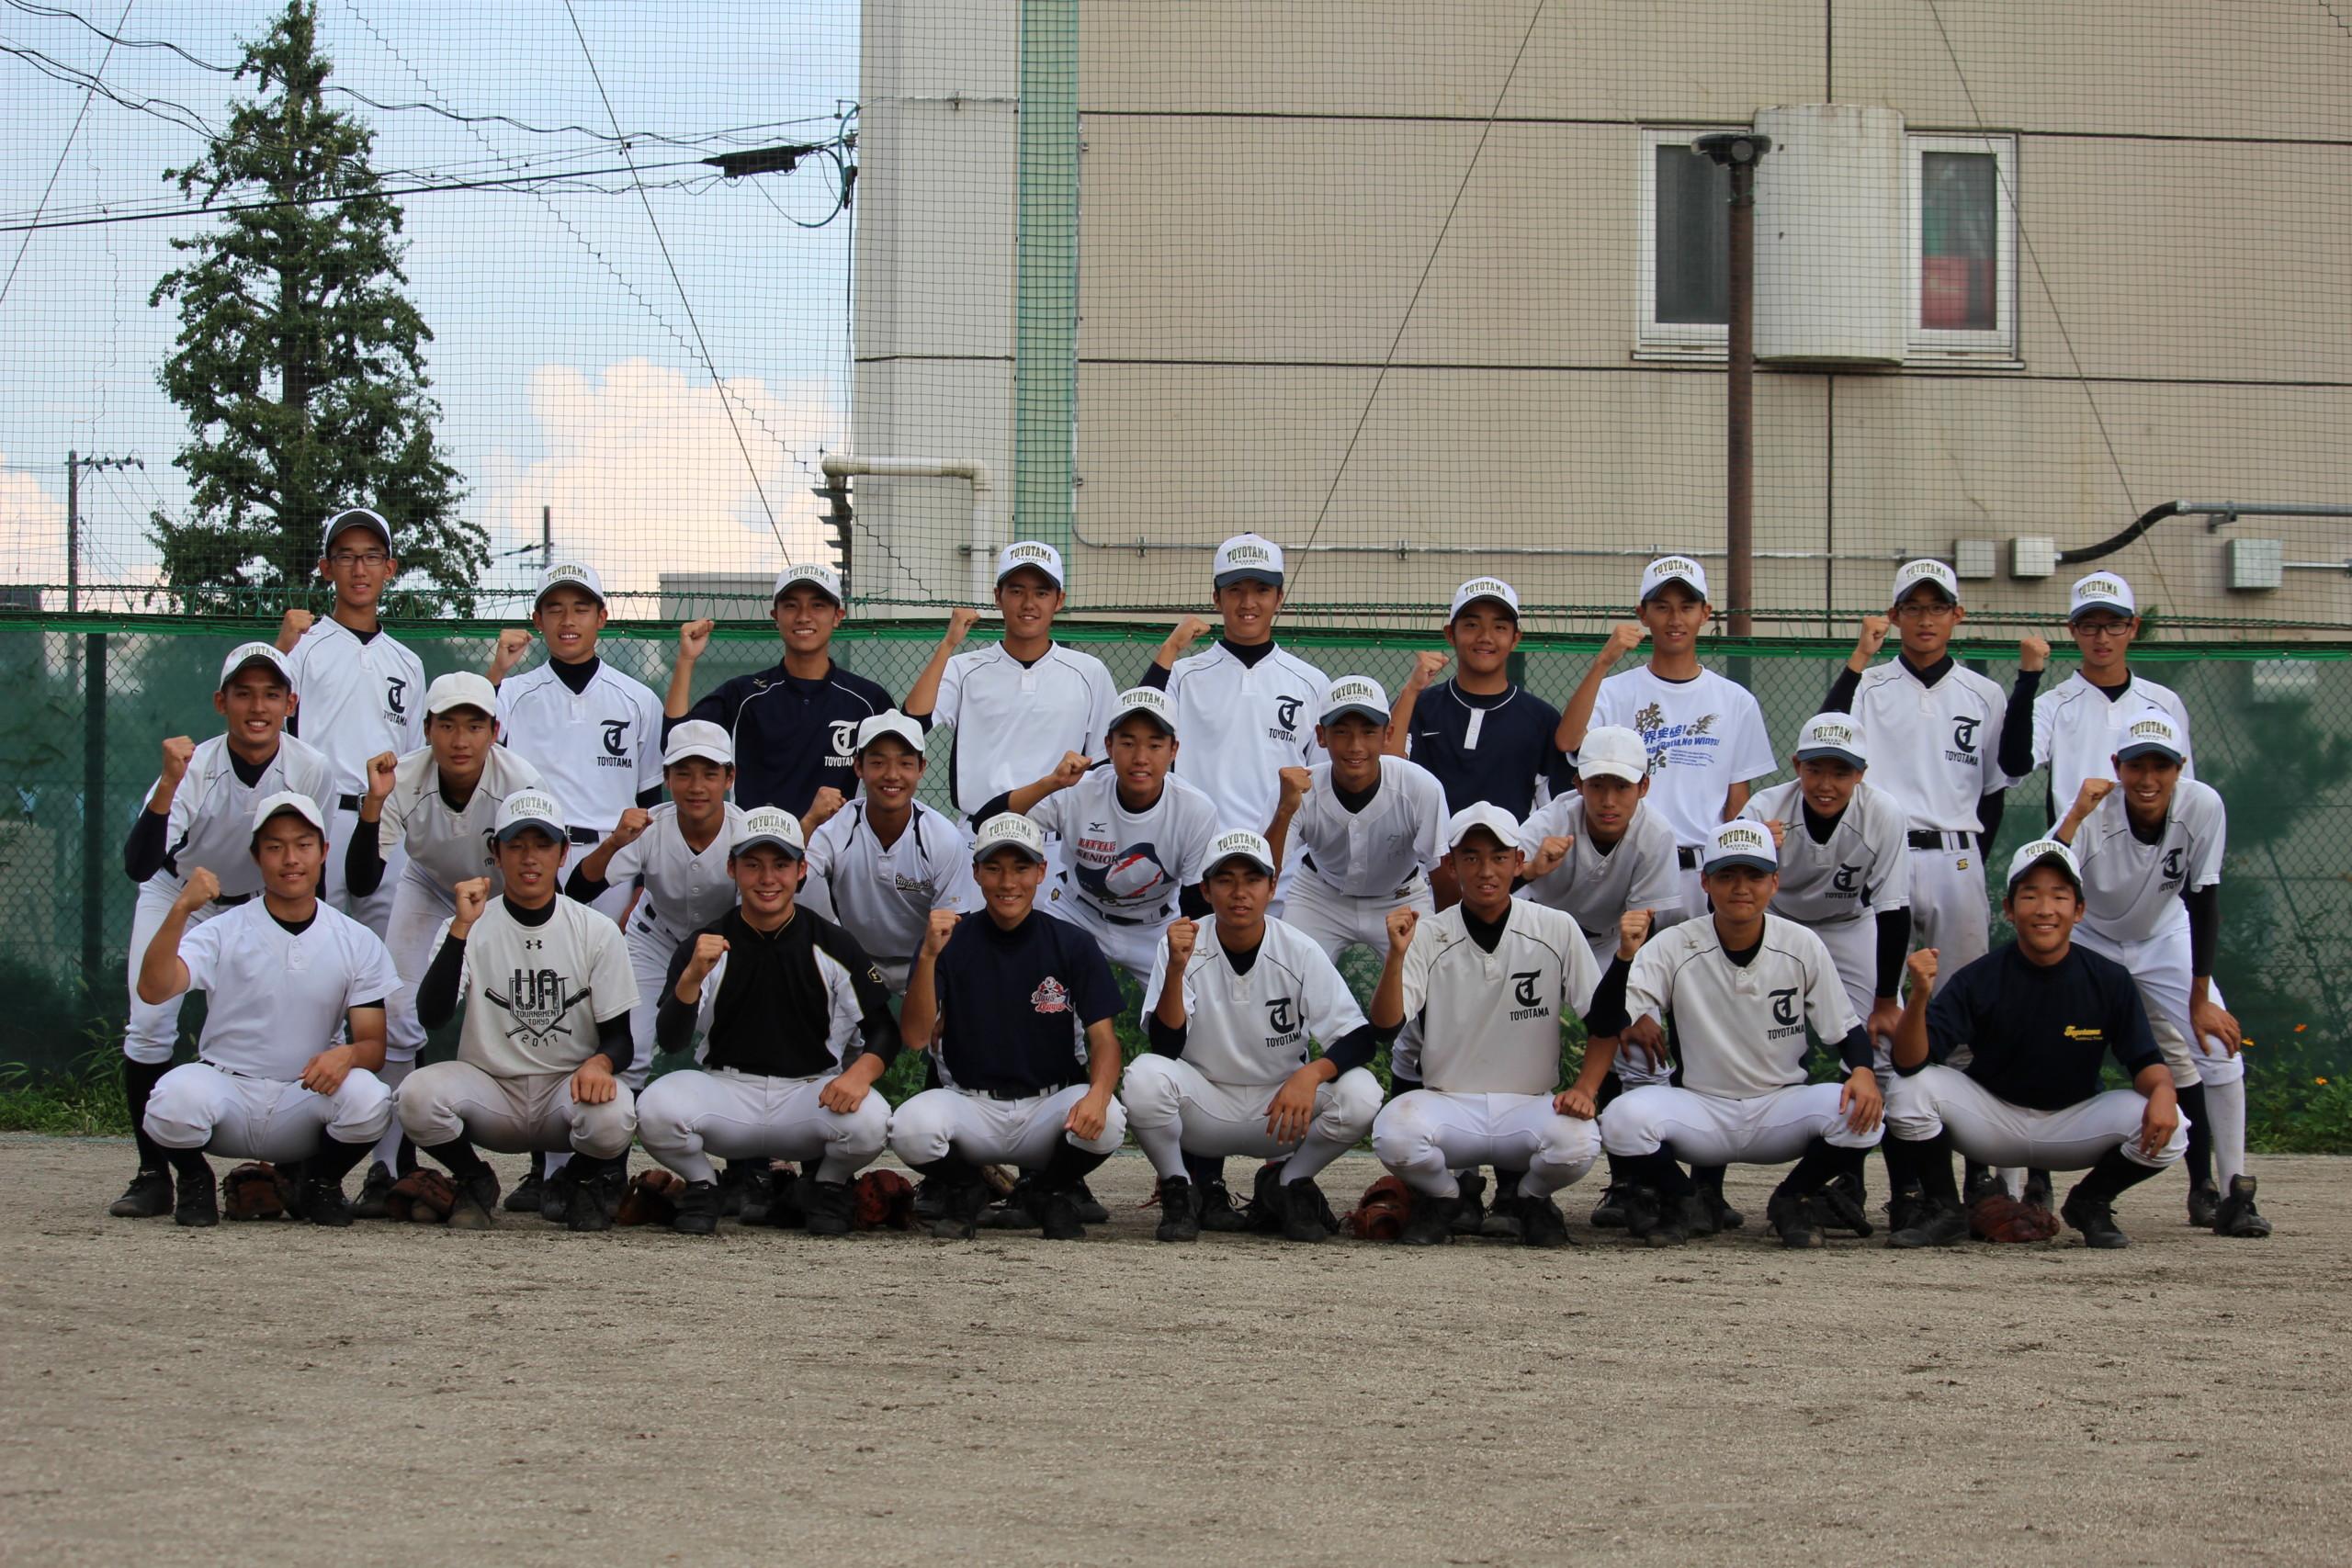 【豊多摩 高校野球部】「変革、成果、その先へ」